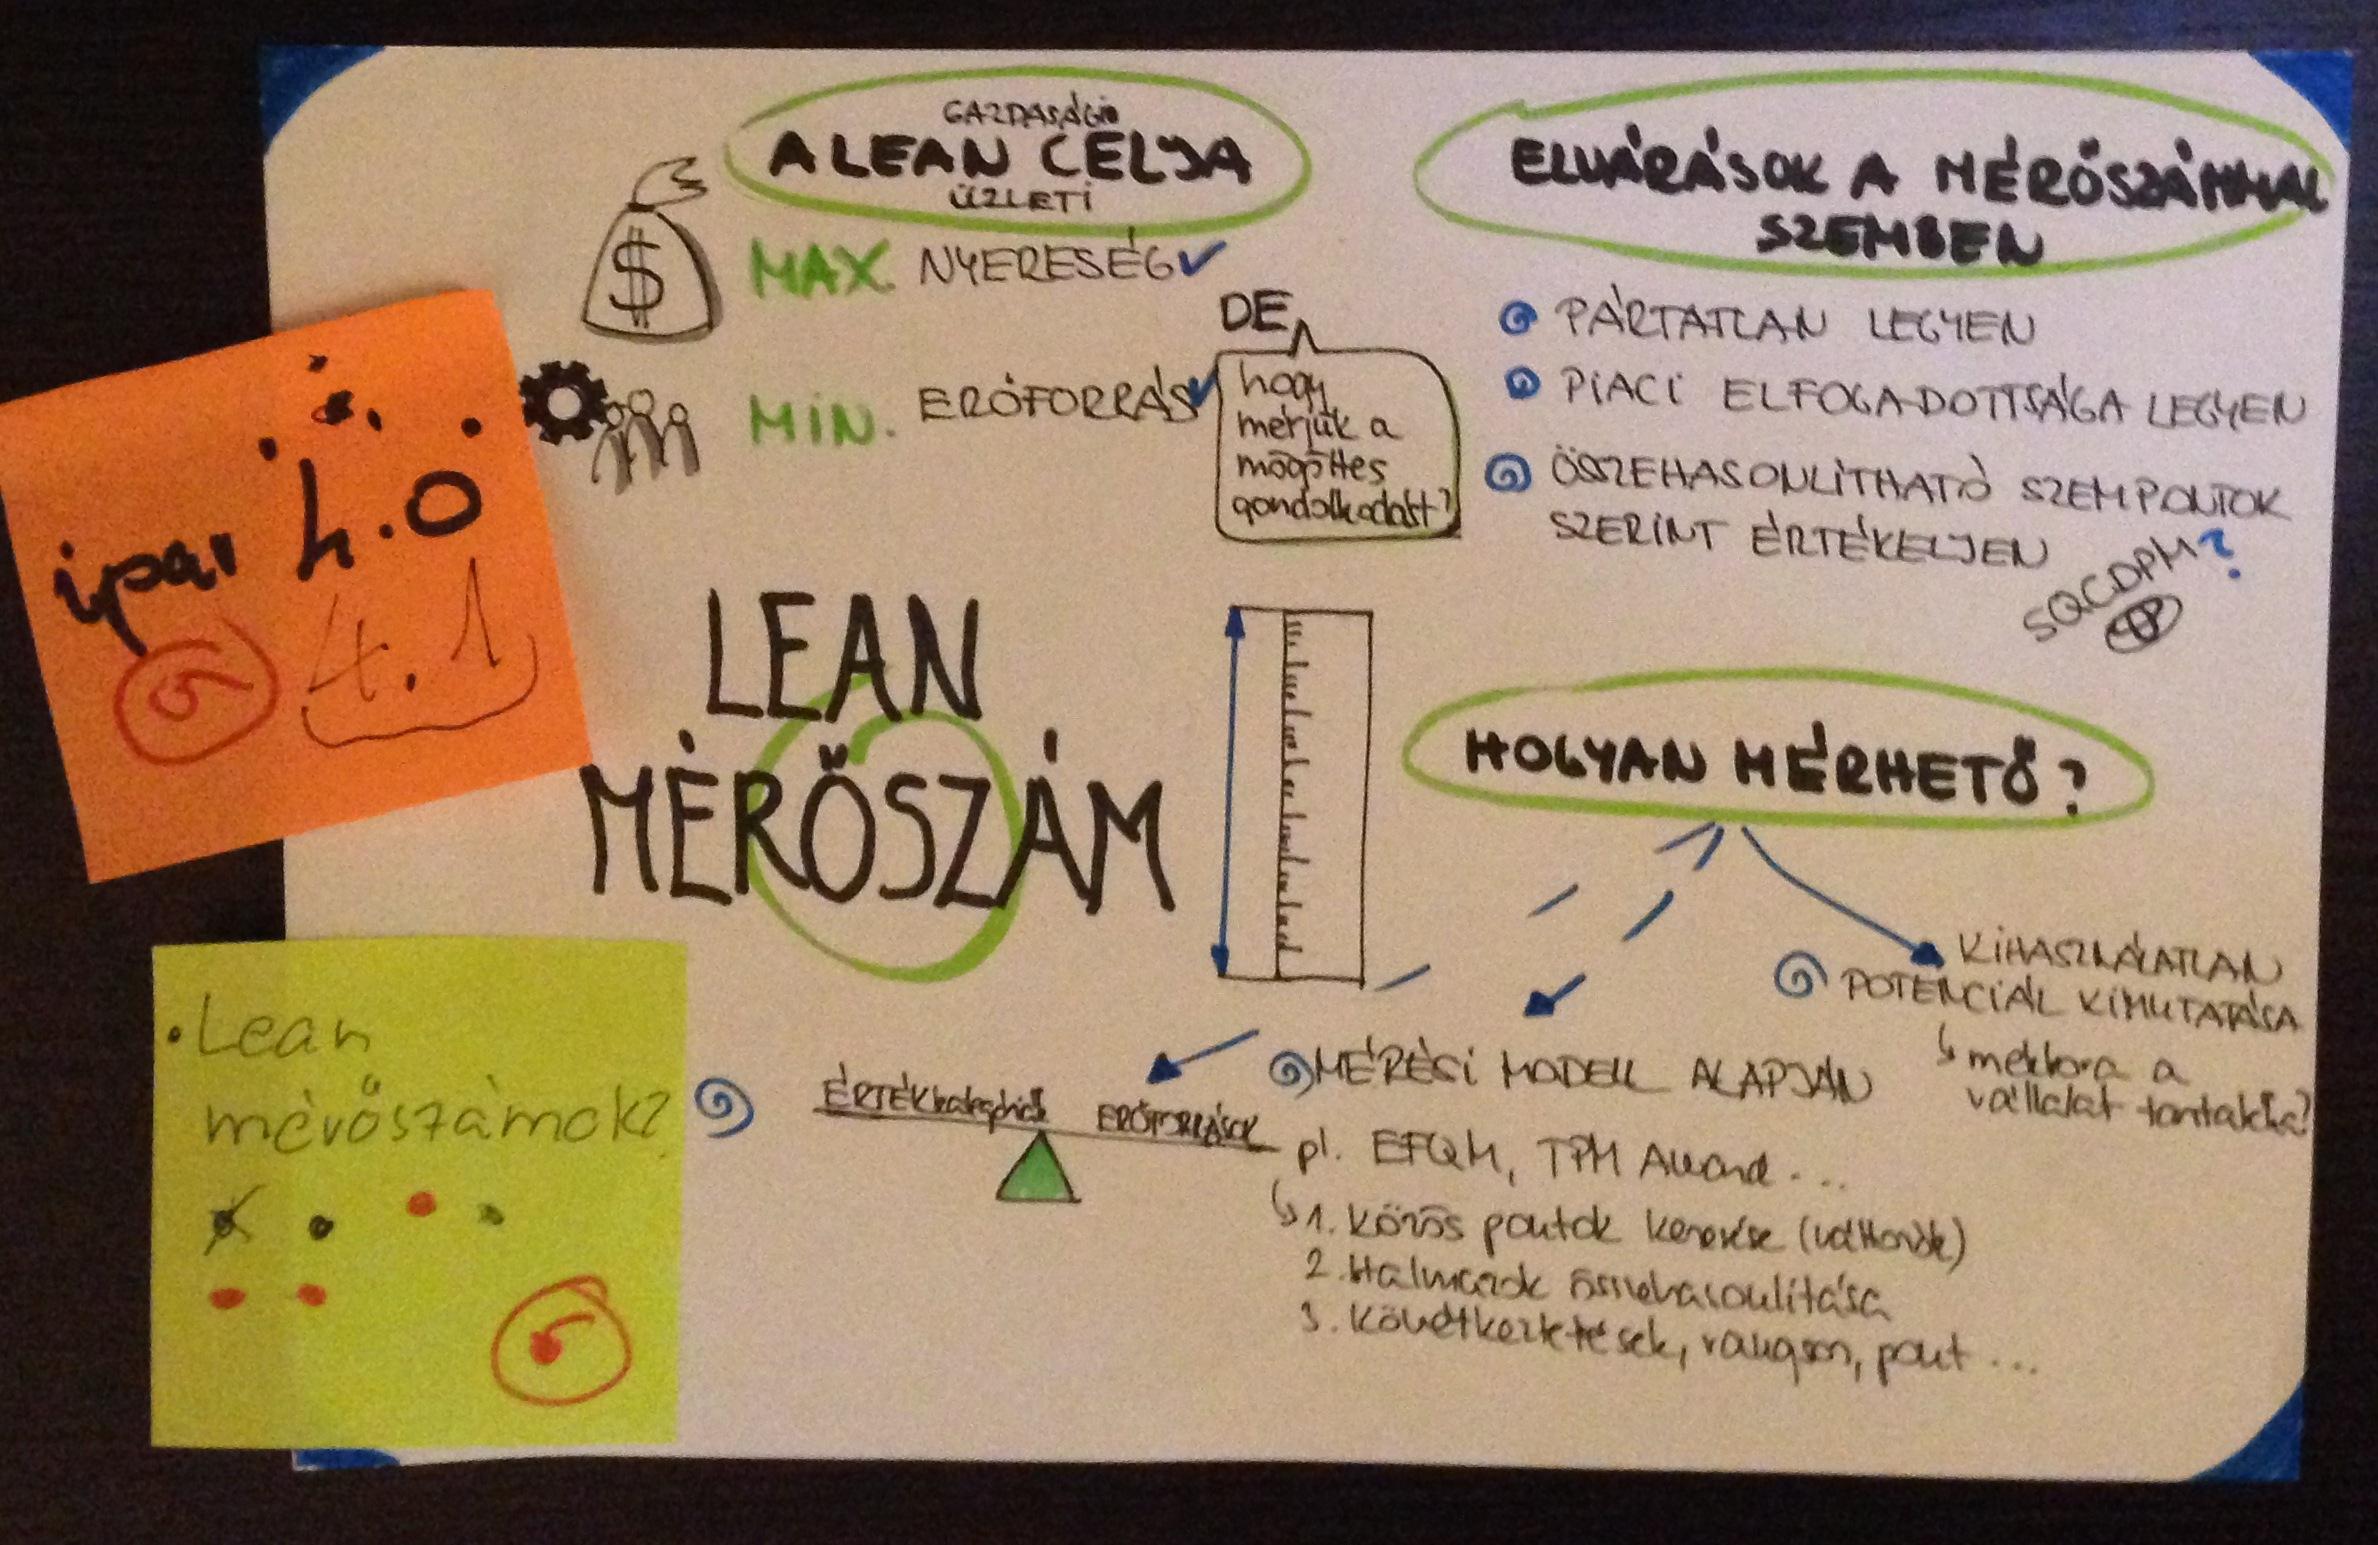 Lean measure_BLean Coffee_ParLS